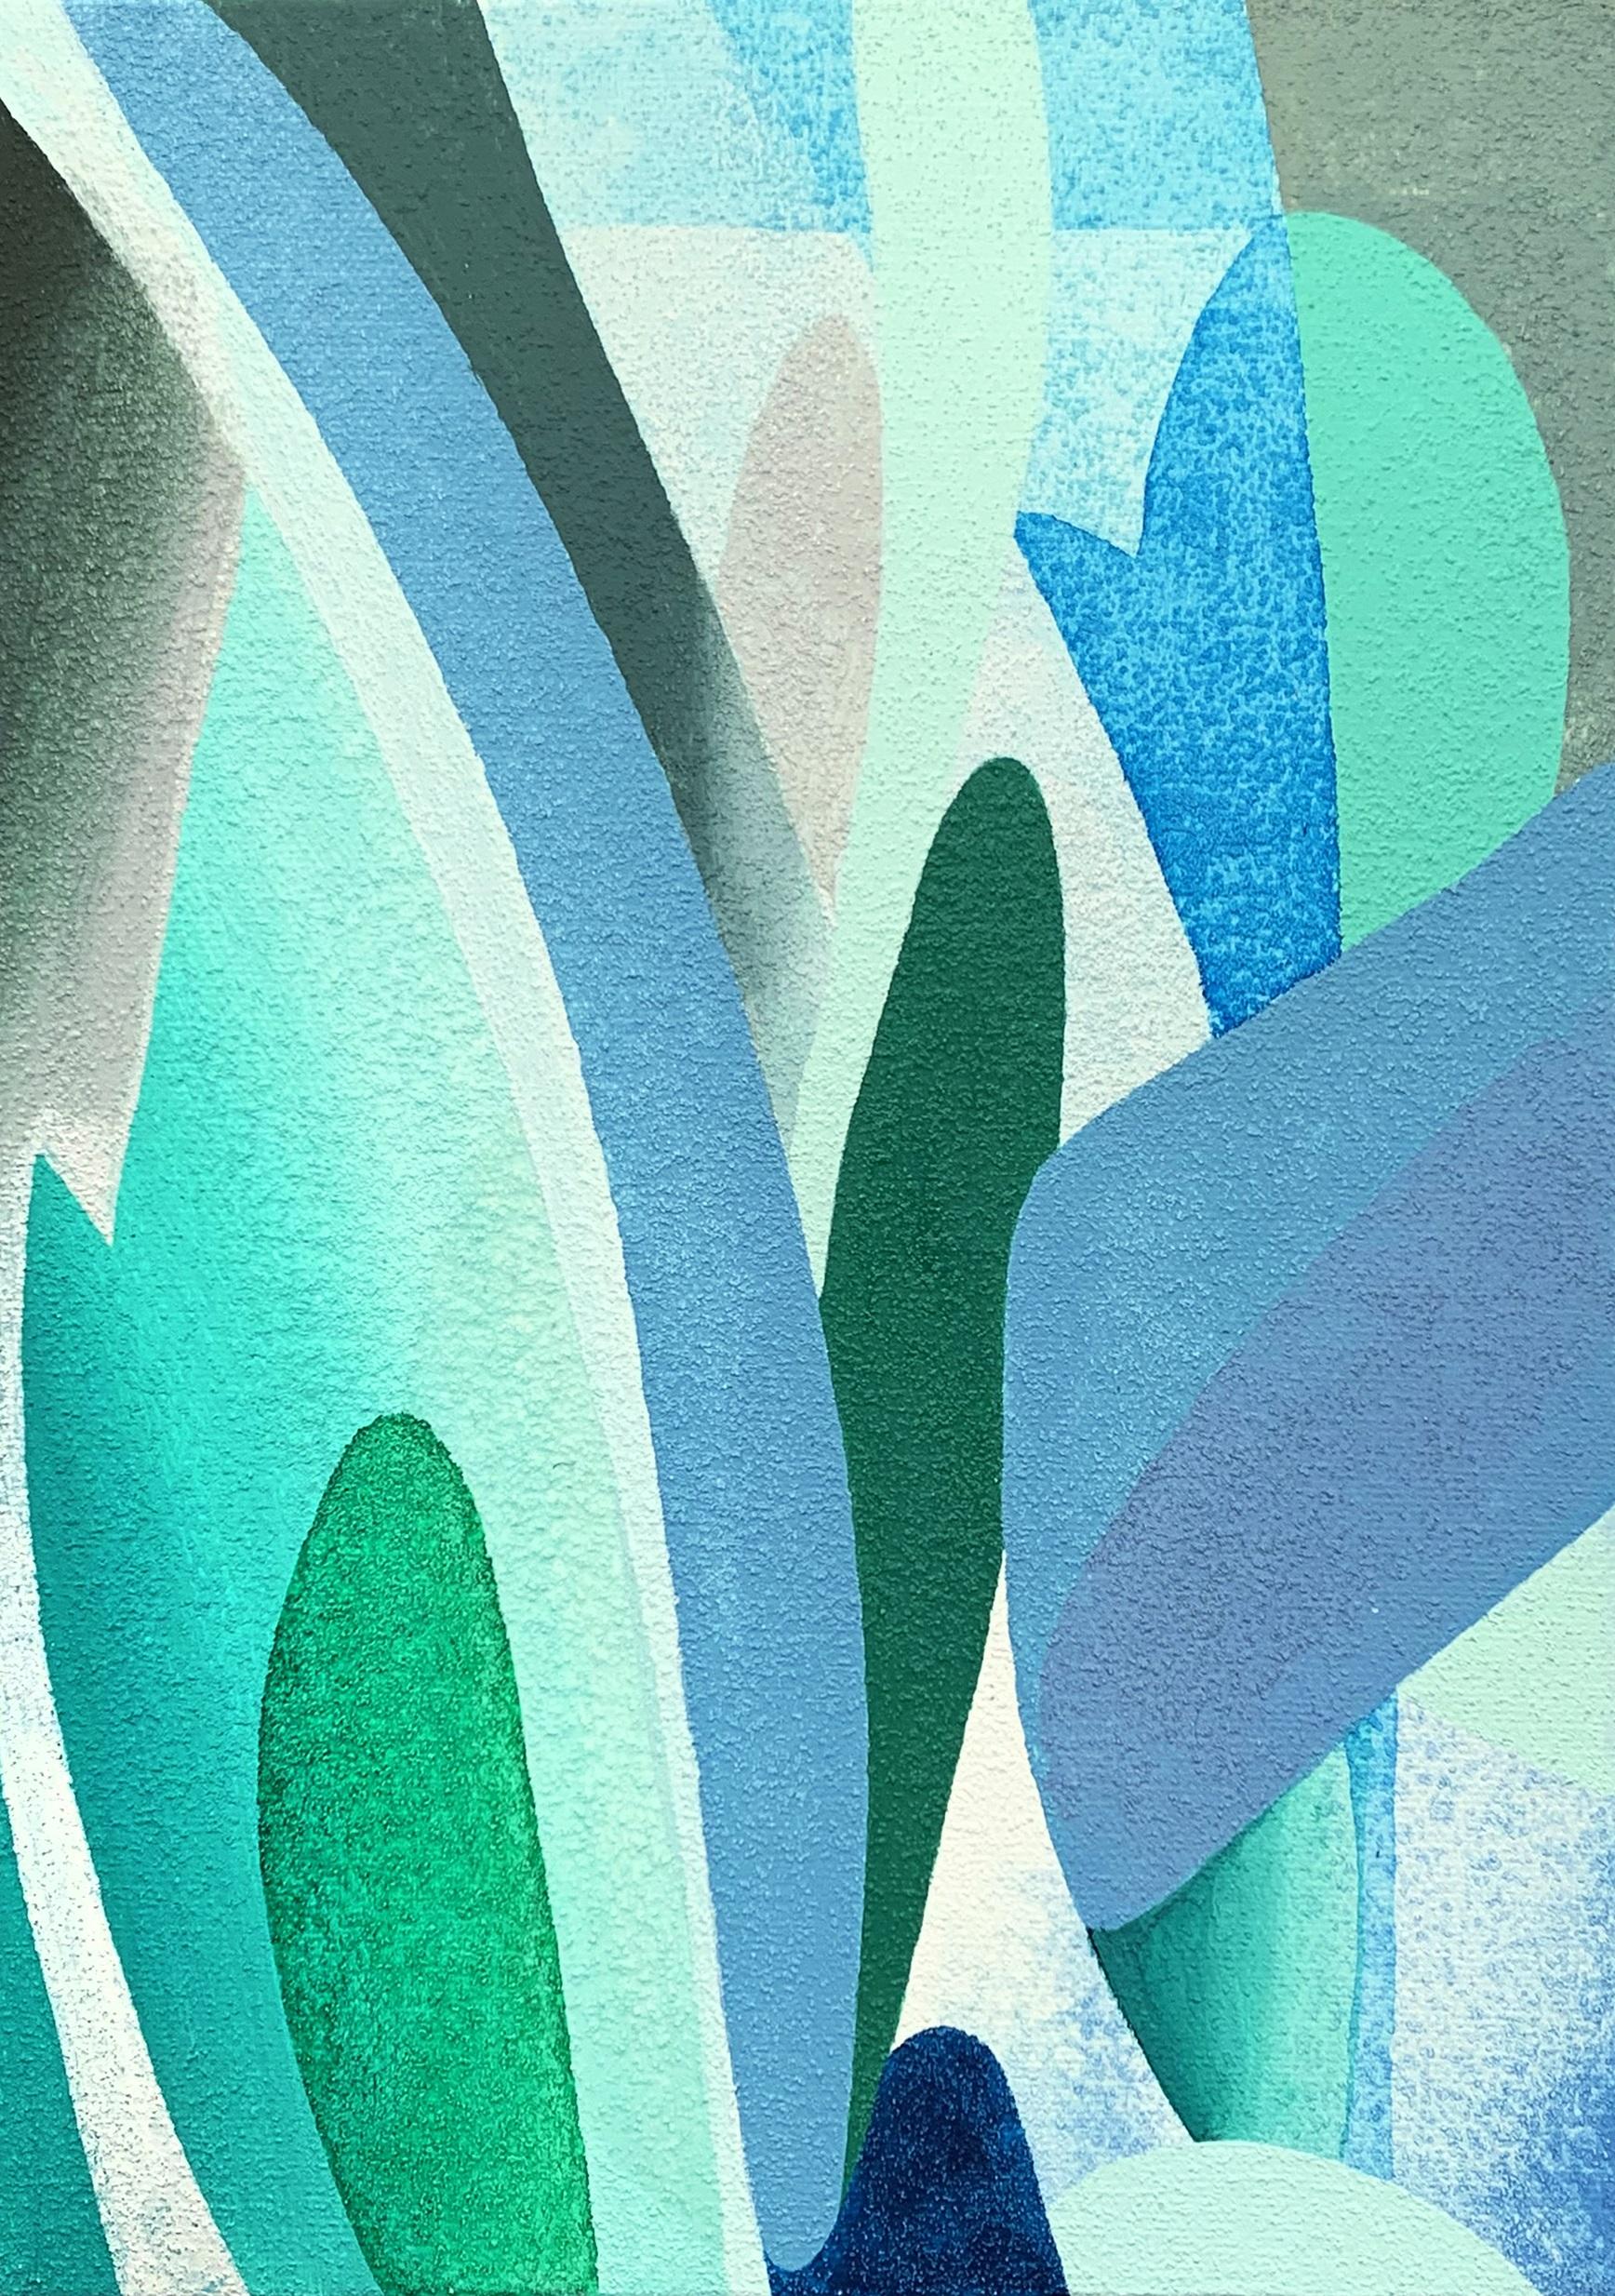 장예지,Farming series_35, acrylic on canvas, 27.3x19cm, 2018